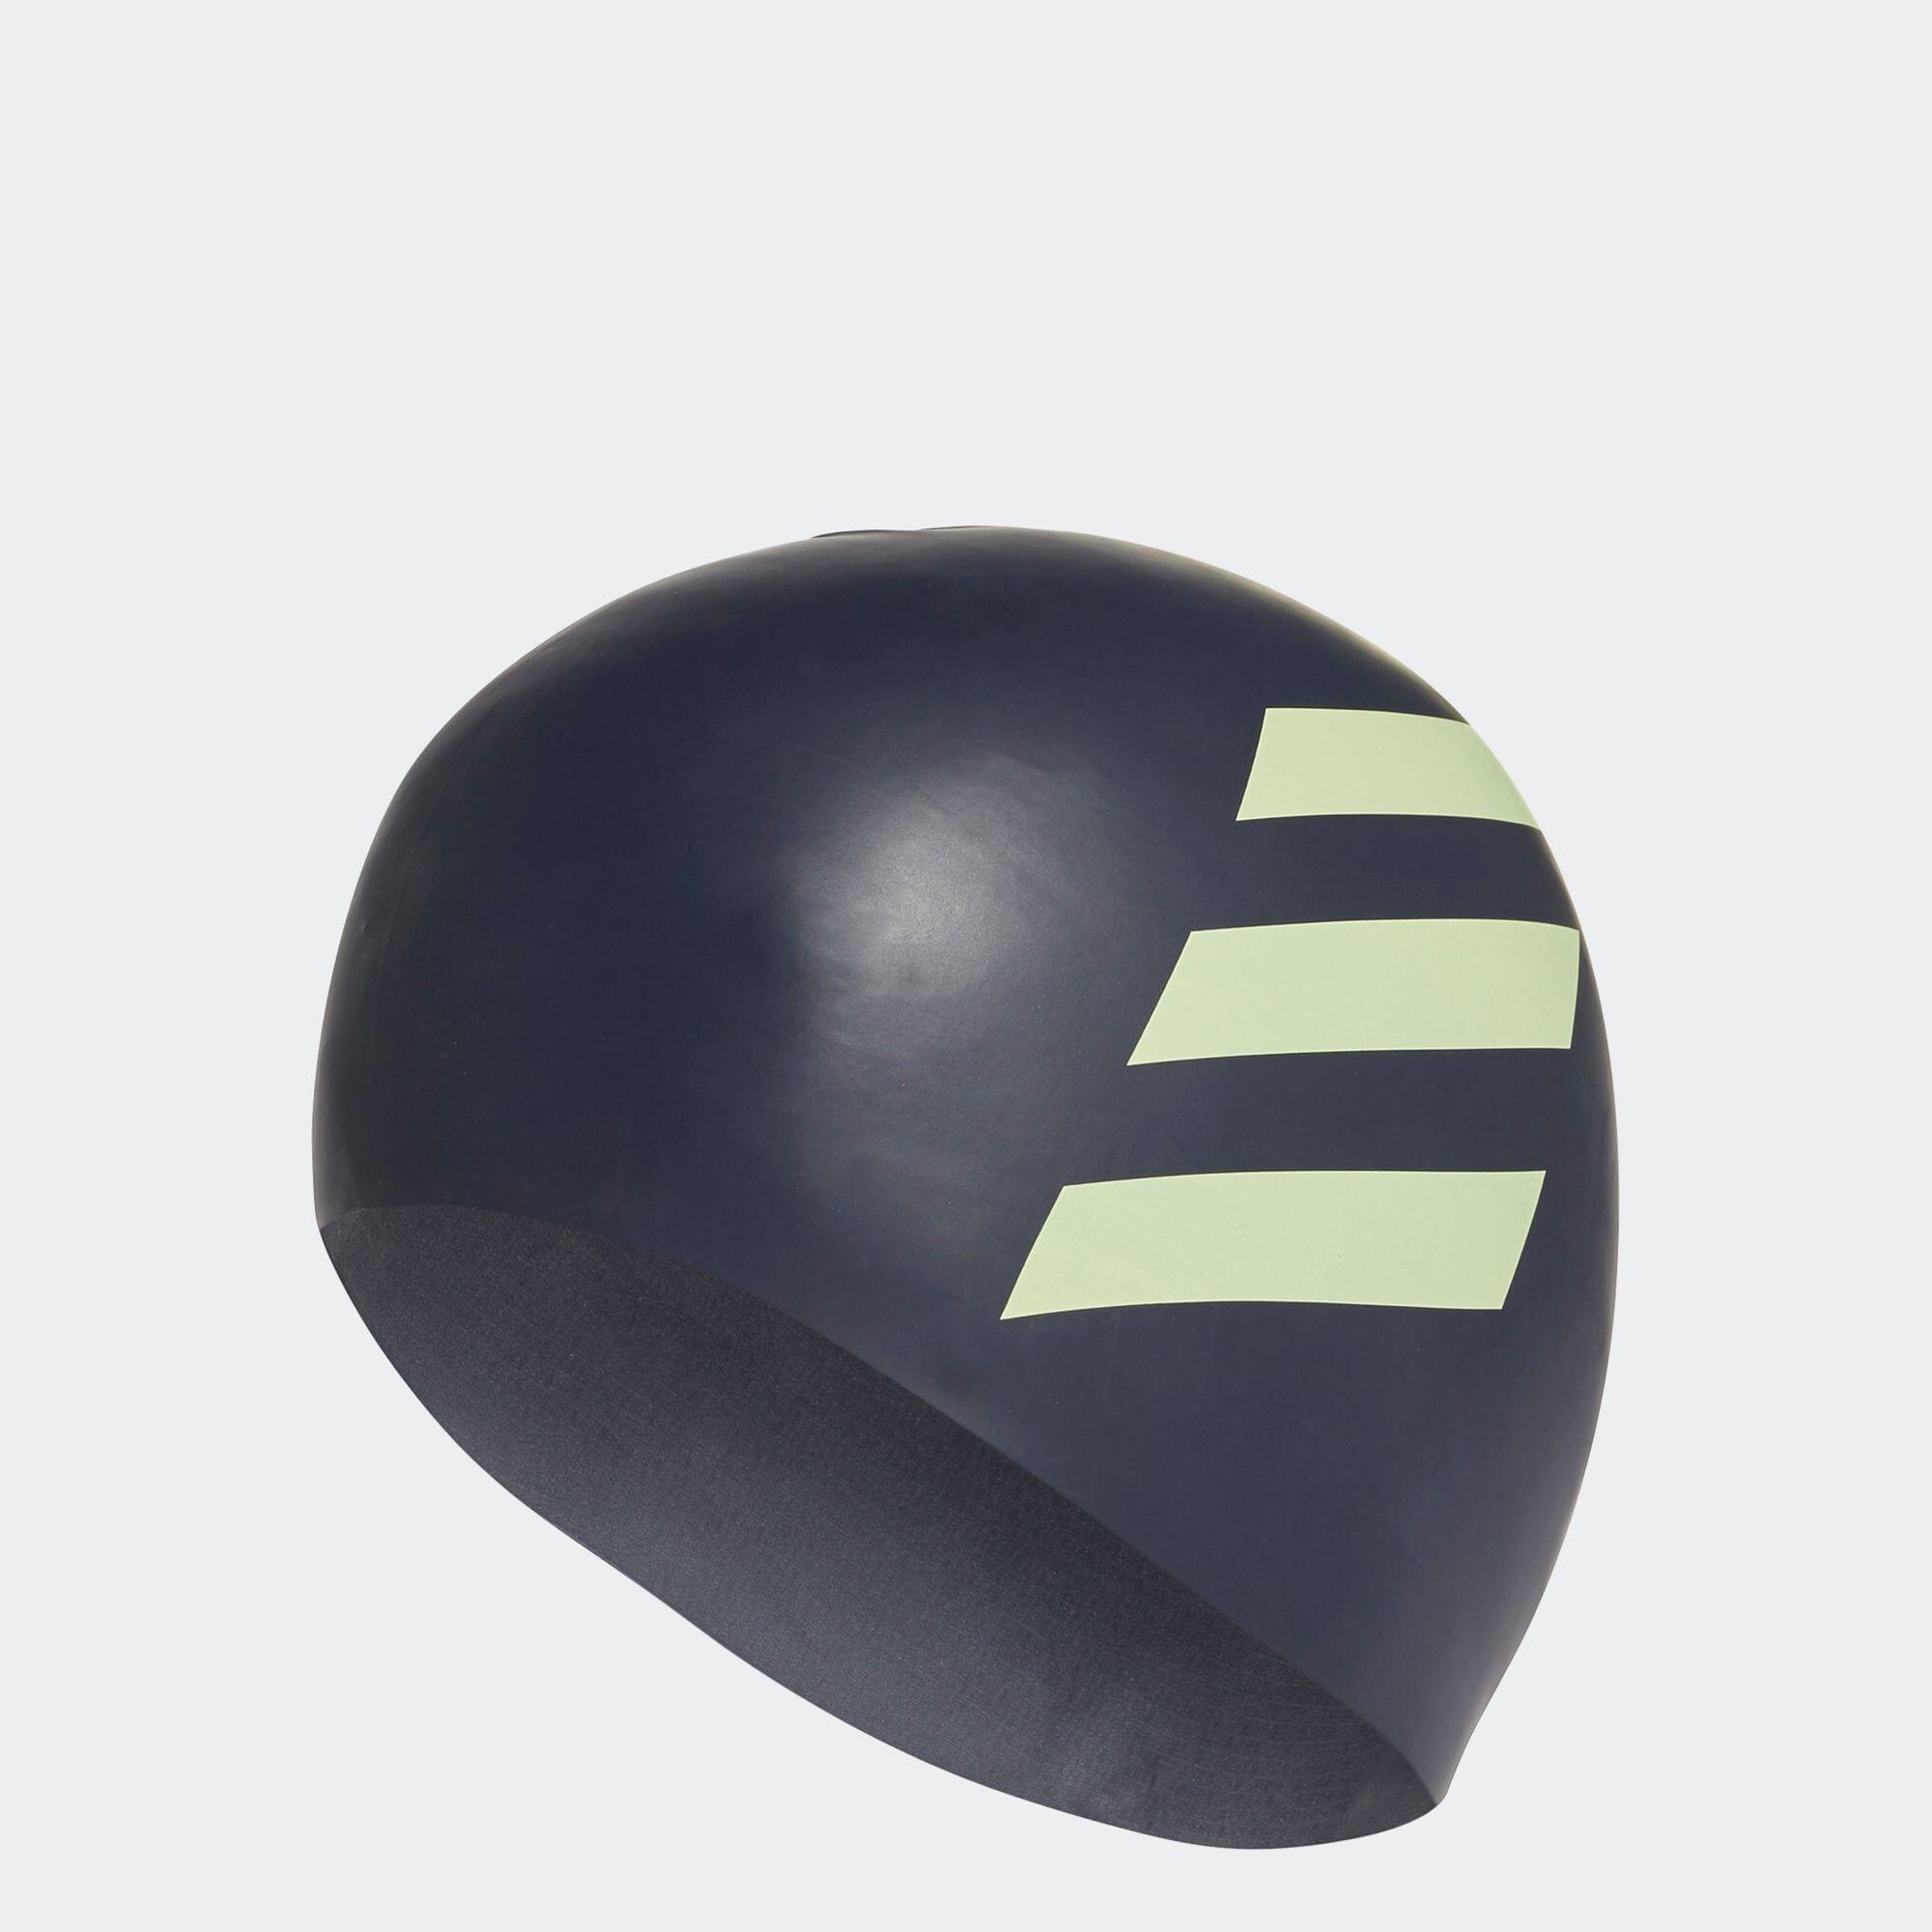 3ストライプス シリコン スイムキャップ / 3-Stripes Silicone Swim Cap